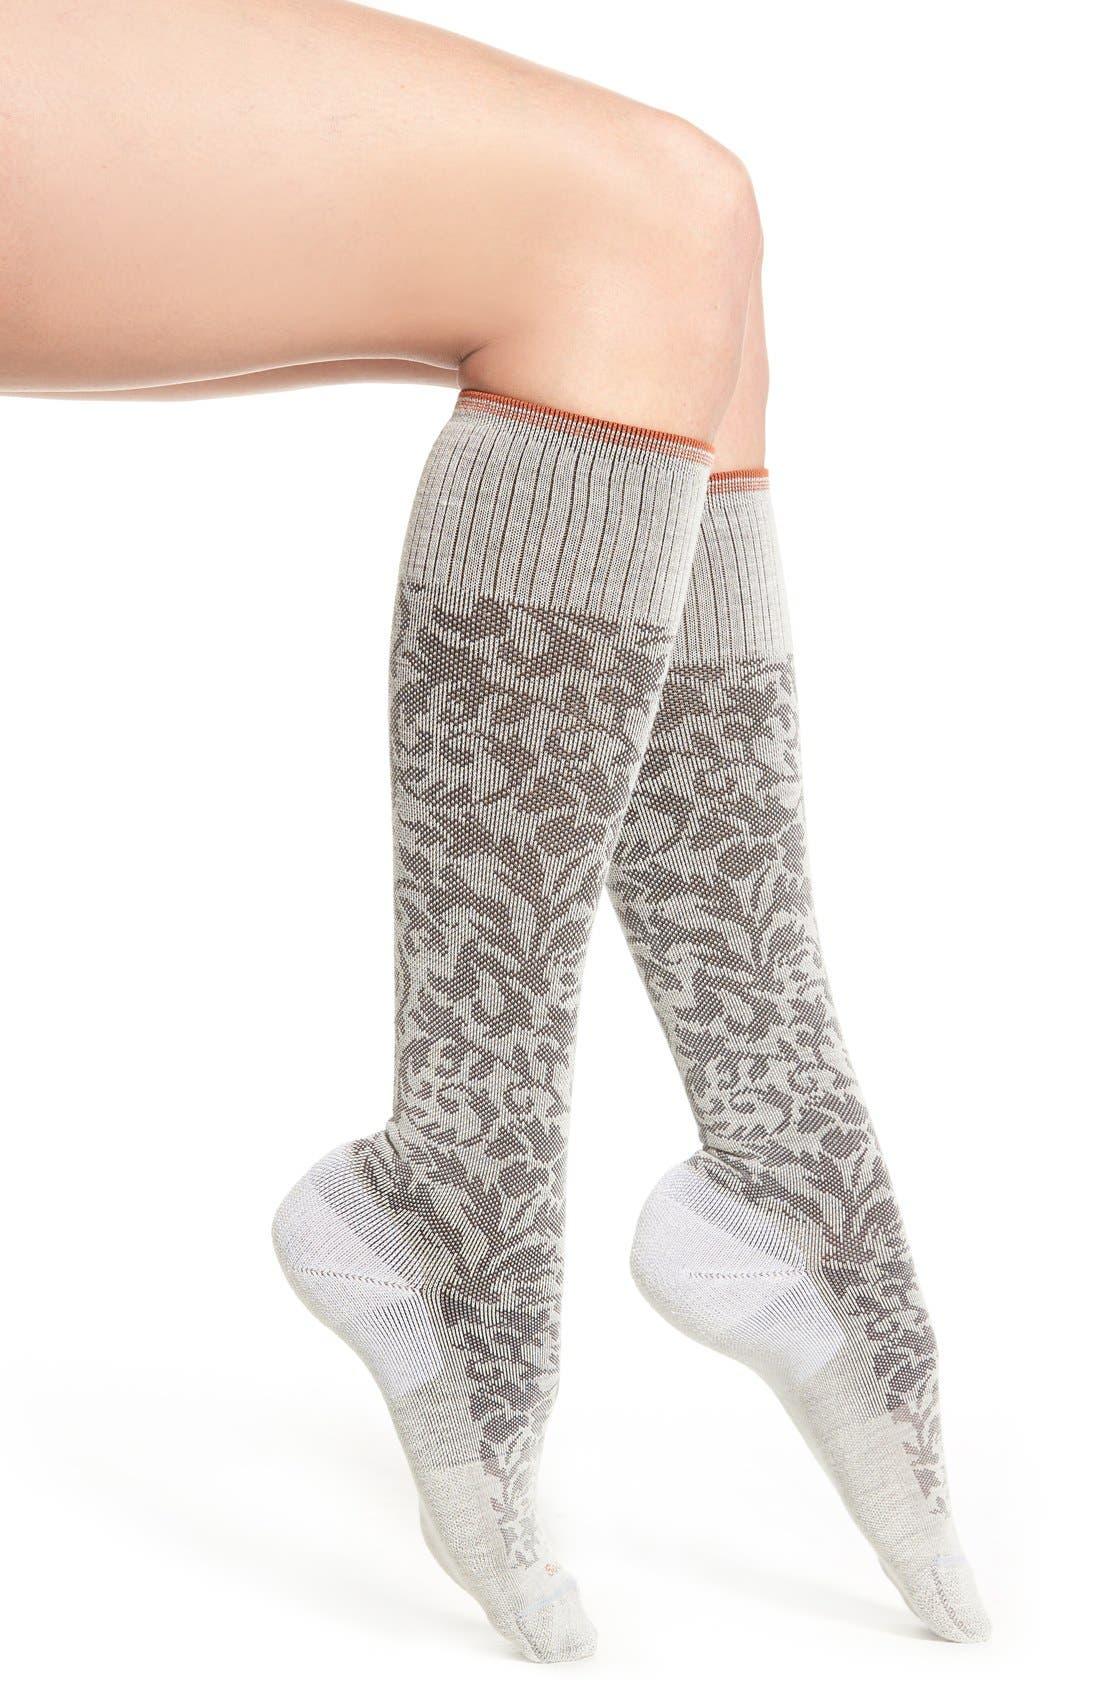 Sockwell 'Damask' Compression Socks